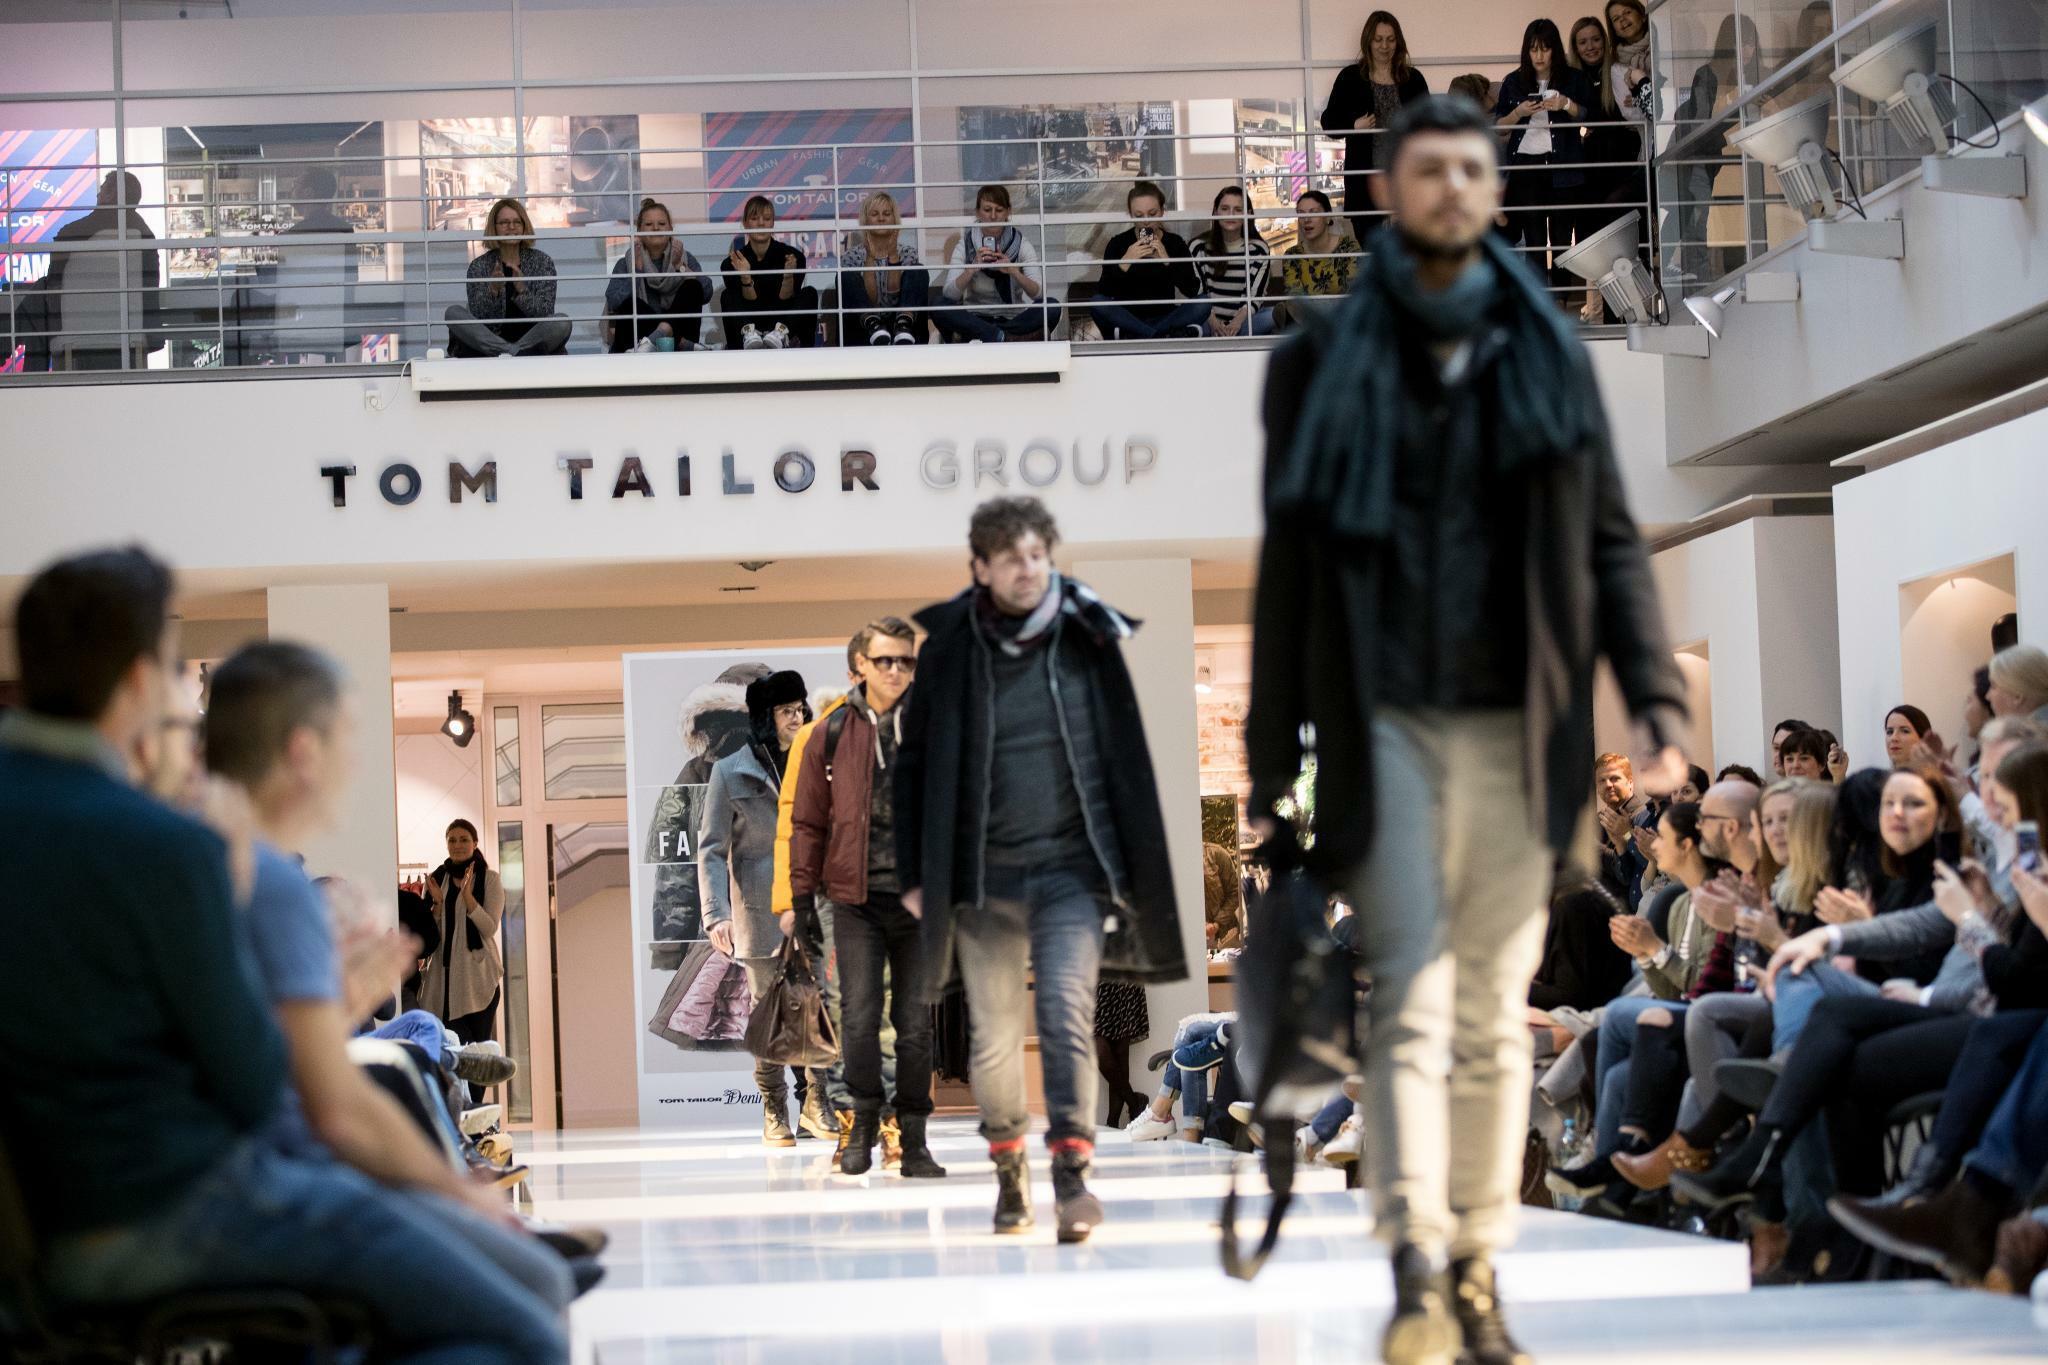 beste Schuhe günstige Preise heißer verkauf billig Chinesische Fosun-Gruppe will Mehrheit bei Tom Tailor übernehmen